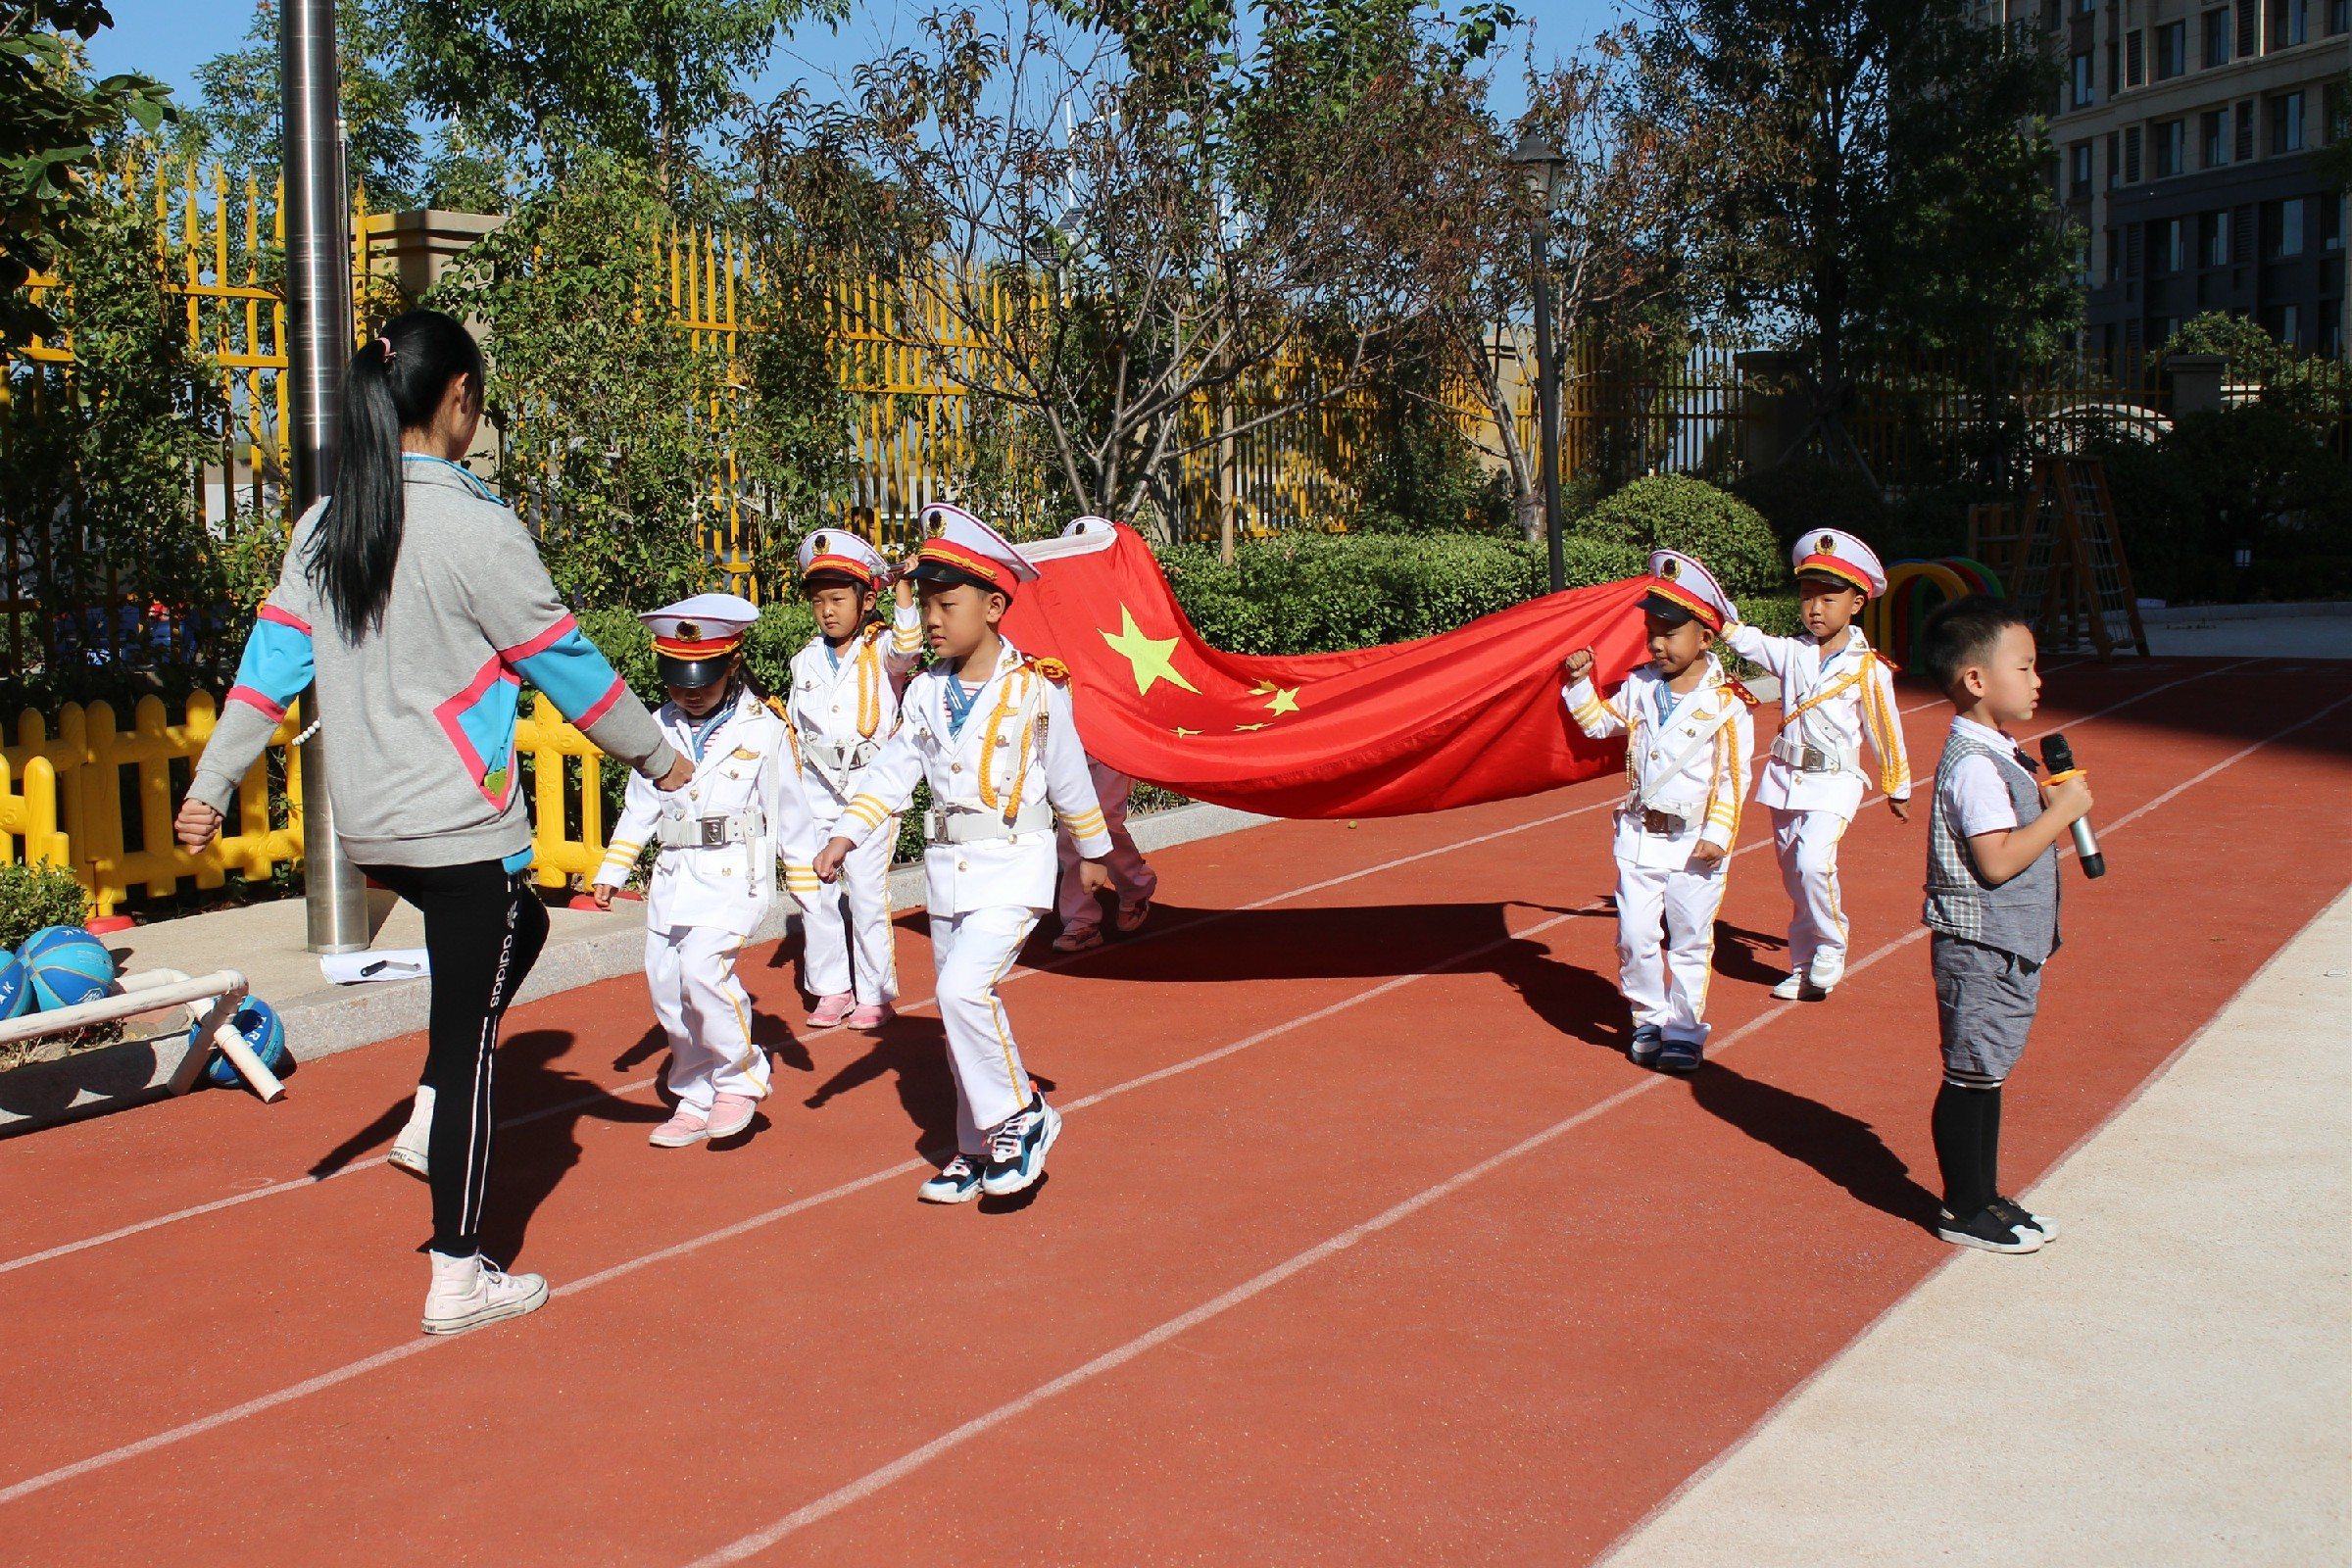 20190923市北区四方幼儿园滨海园区举行升国旗仪式1.jpg